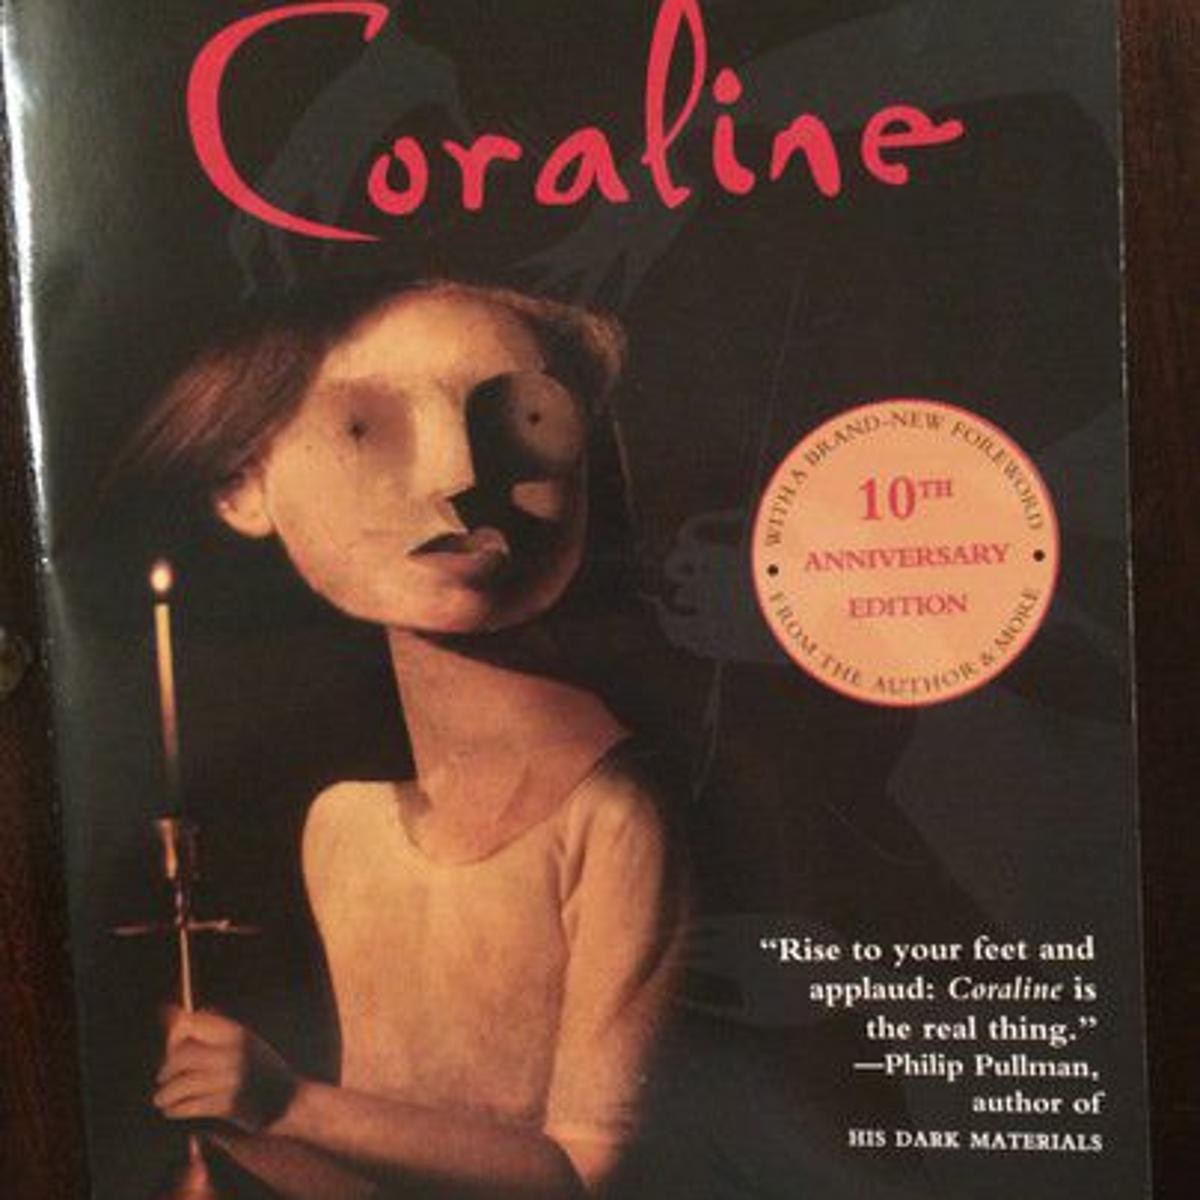 Coraline, la película que se inspiró en una horrible historia real 2